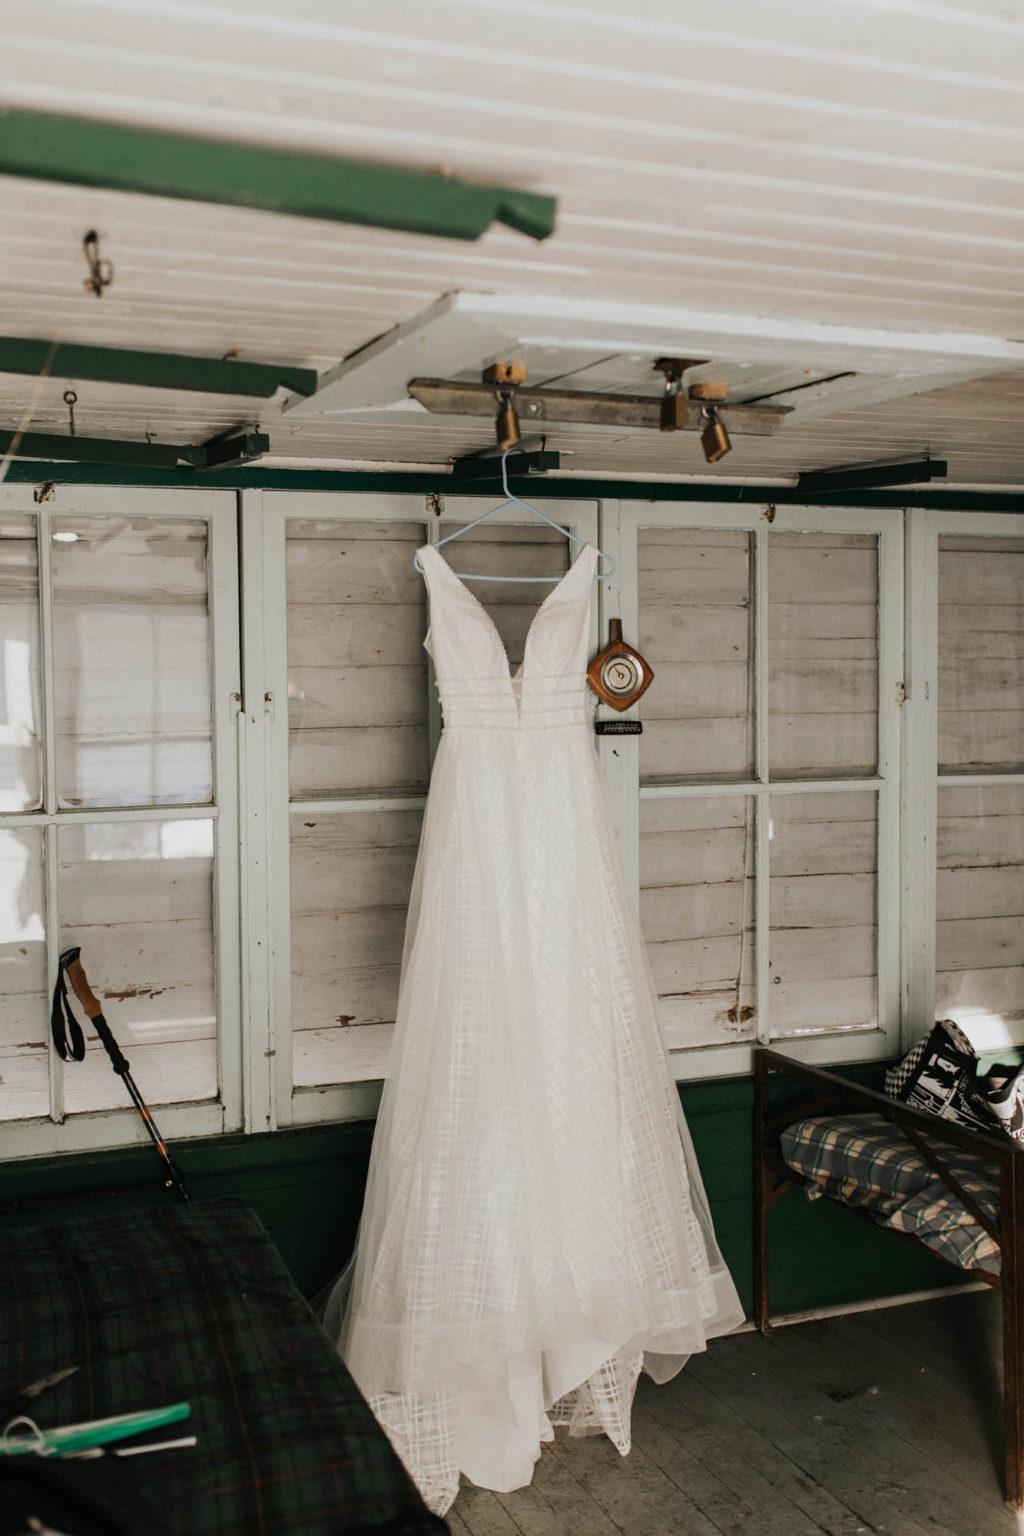 dress hanging